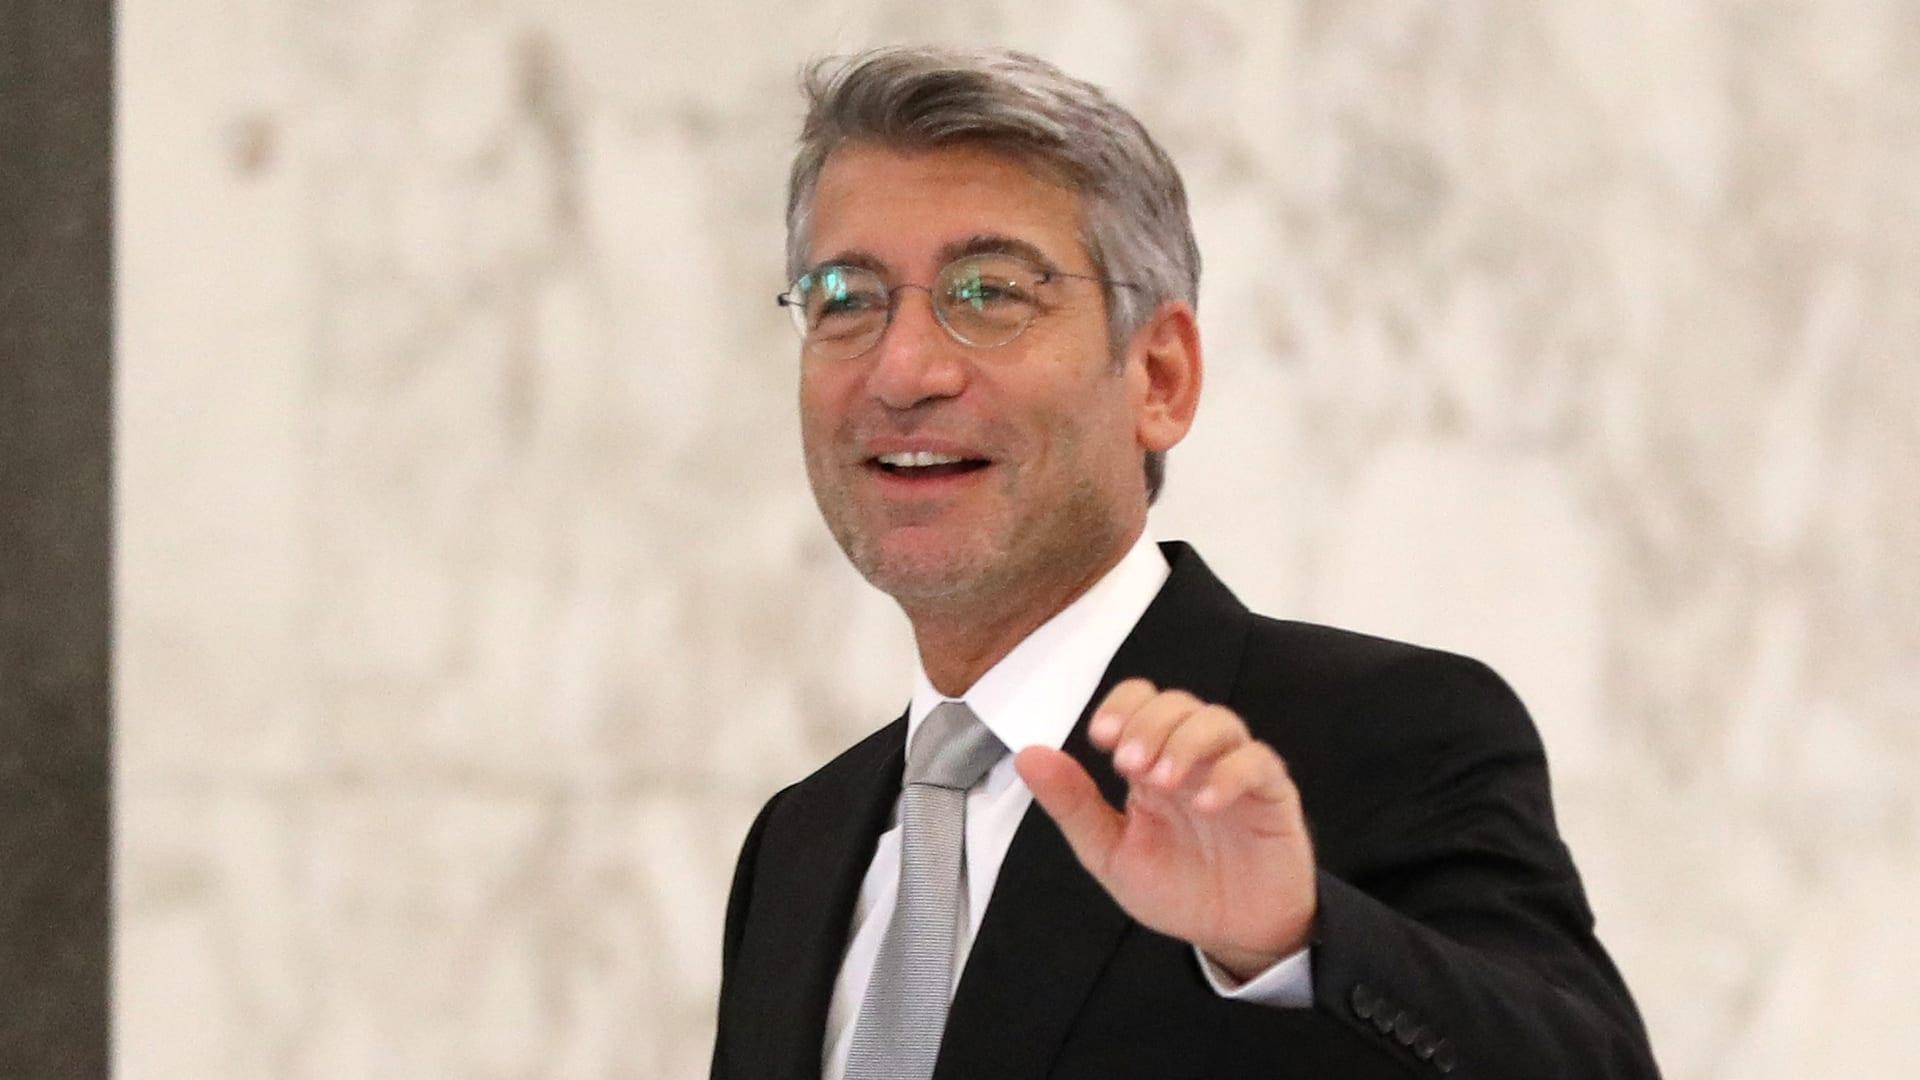 وزير الطاقة اللبناني لـCNN عن انفصال شبكة الكهرباء: الوضع ليس أسوأ من ذي قبل thumbnail